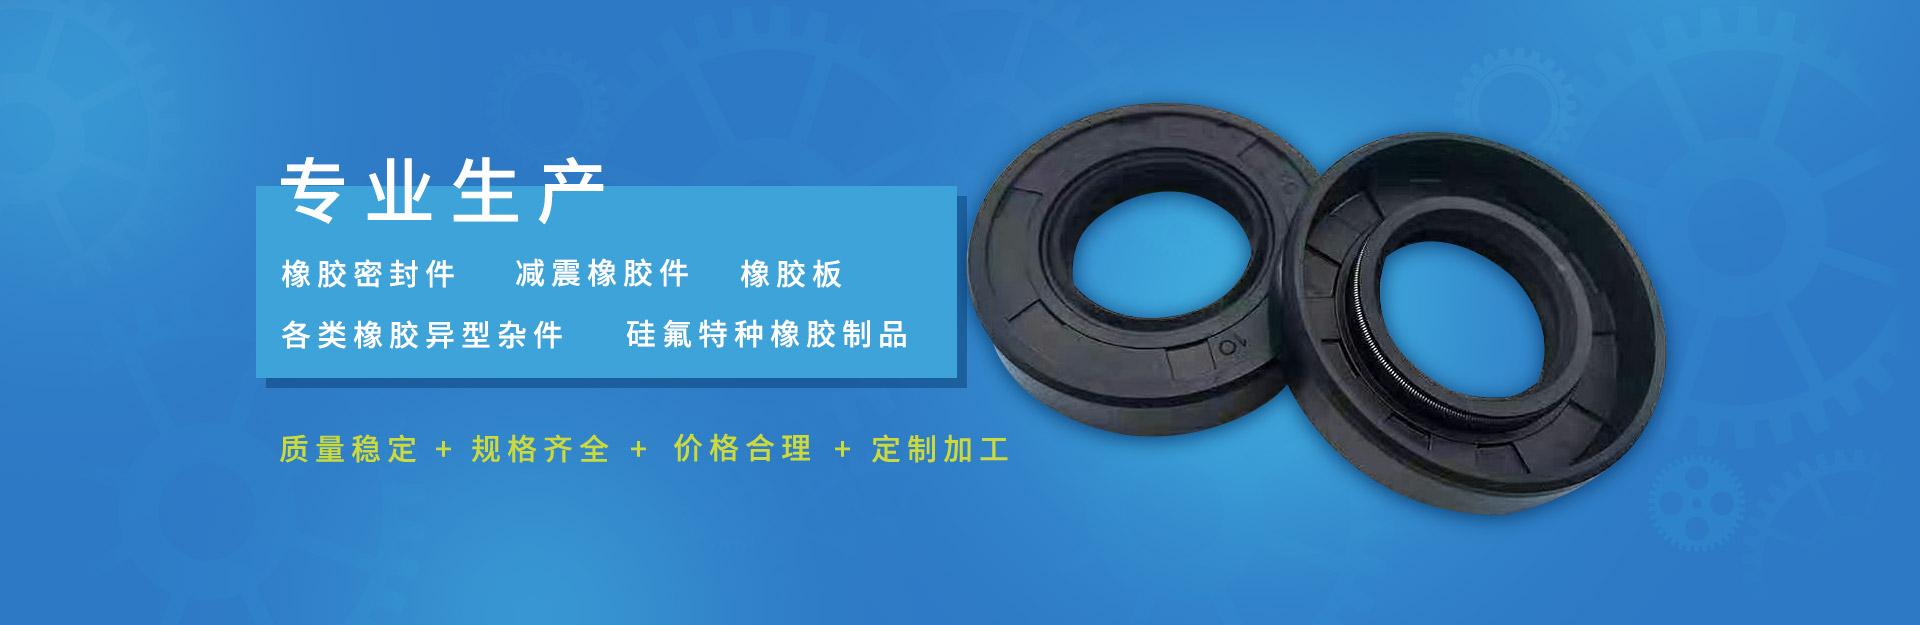 武汉橡塑制品